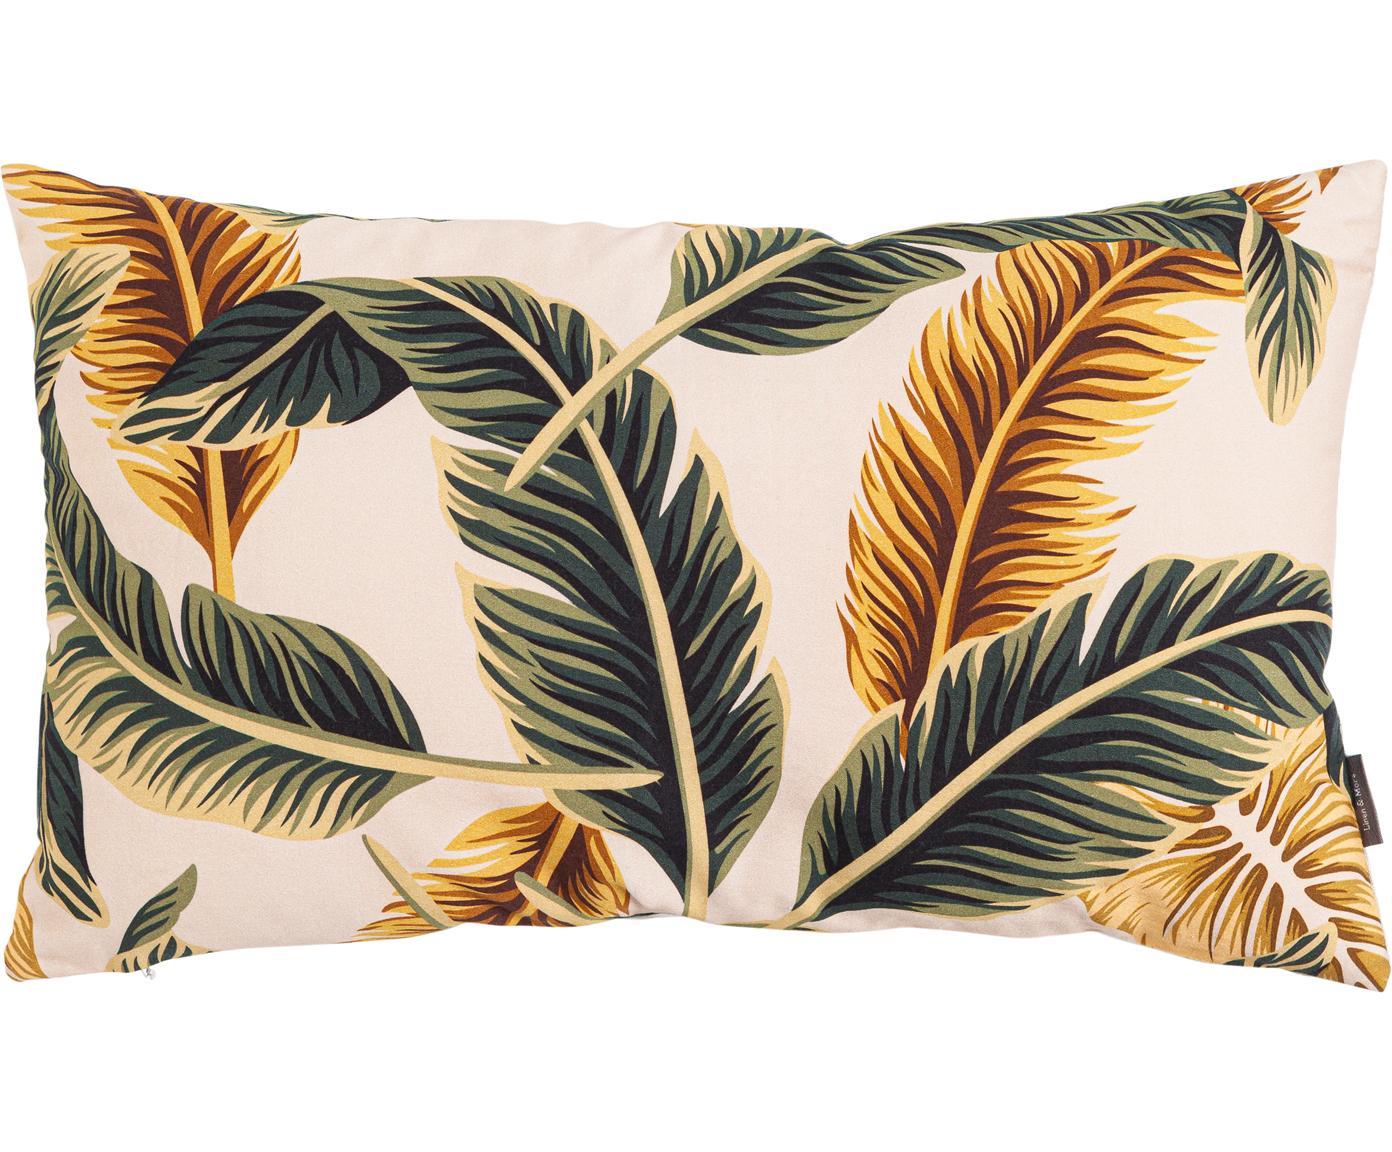 Poduszka z wypełnieniem Elegant Feather, Bawełna, Beżowy, zielony, żółtozłoty, S 30 x D 50 cm